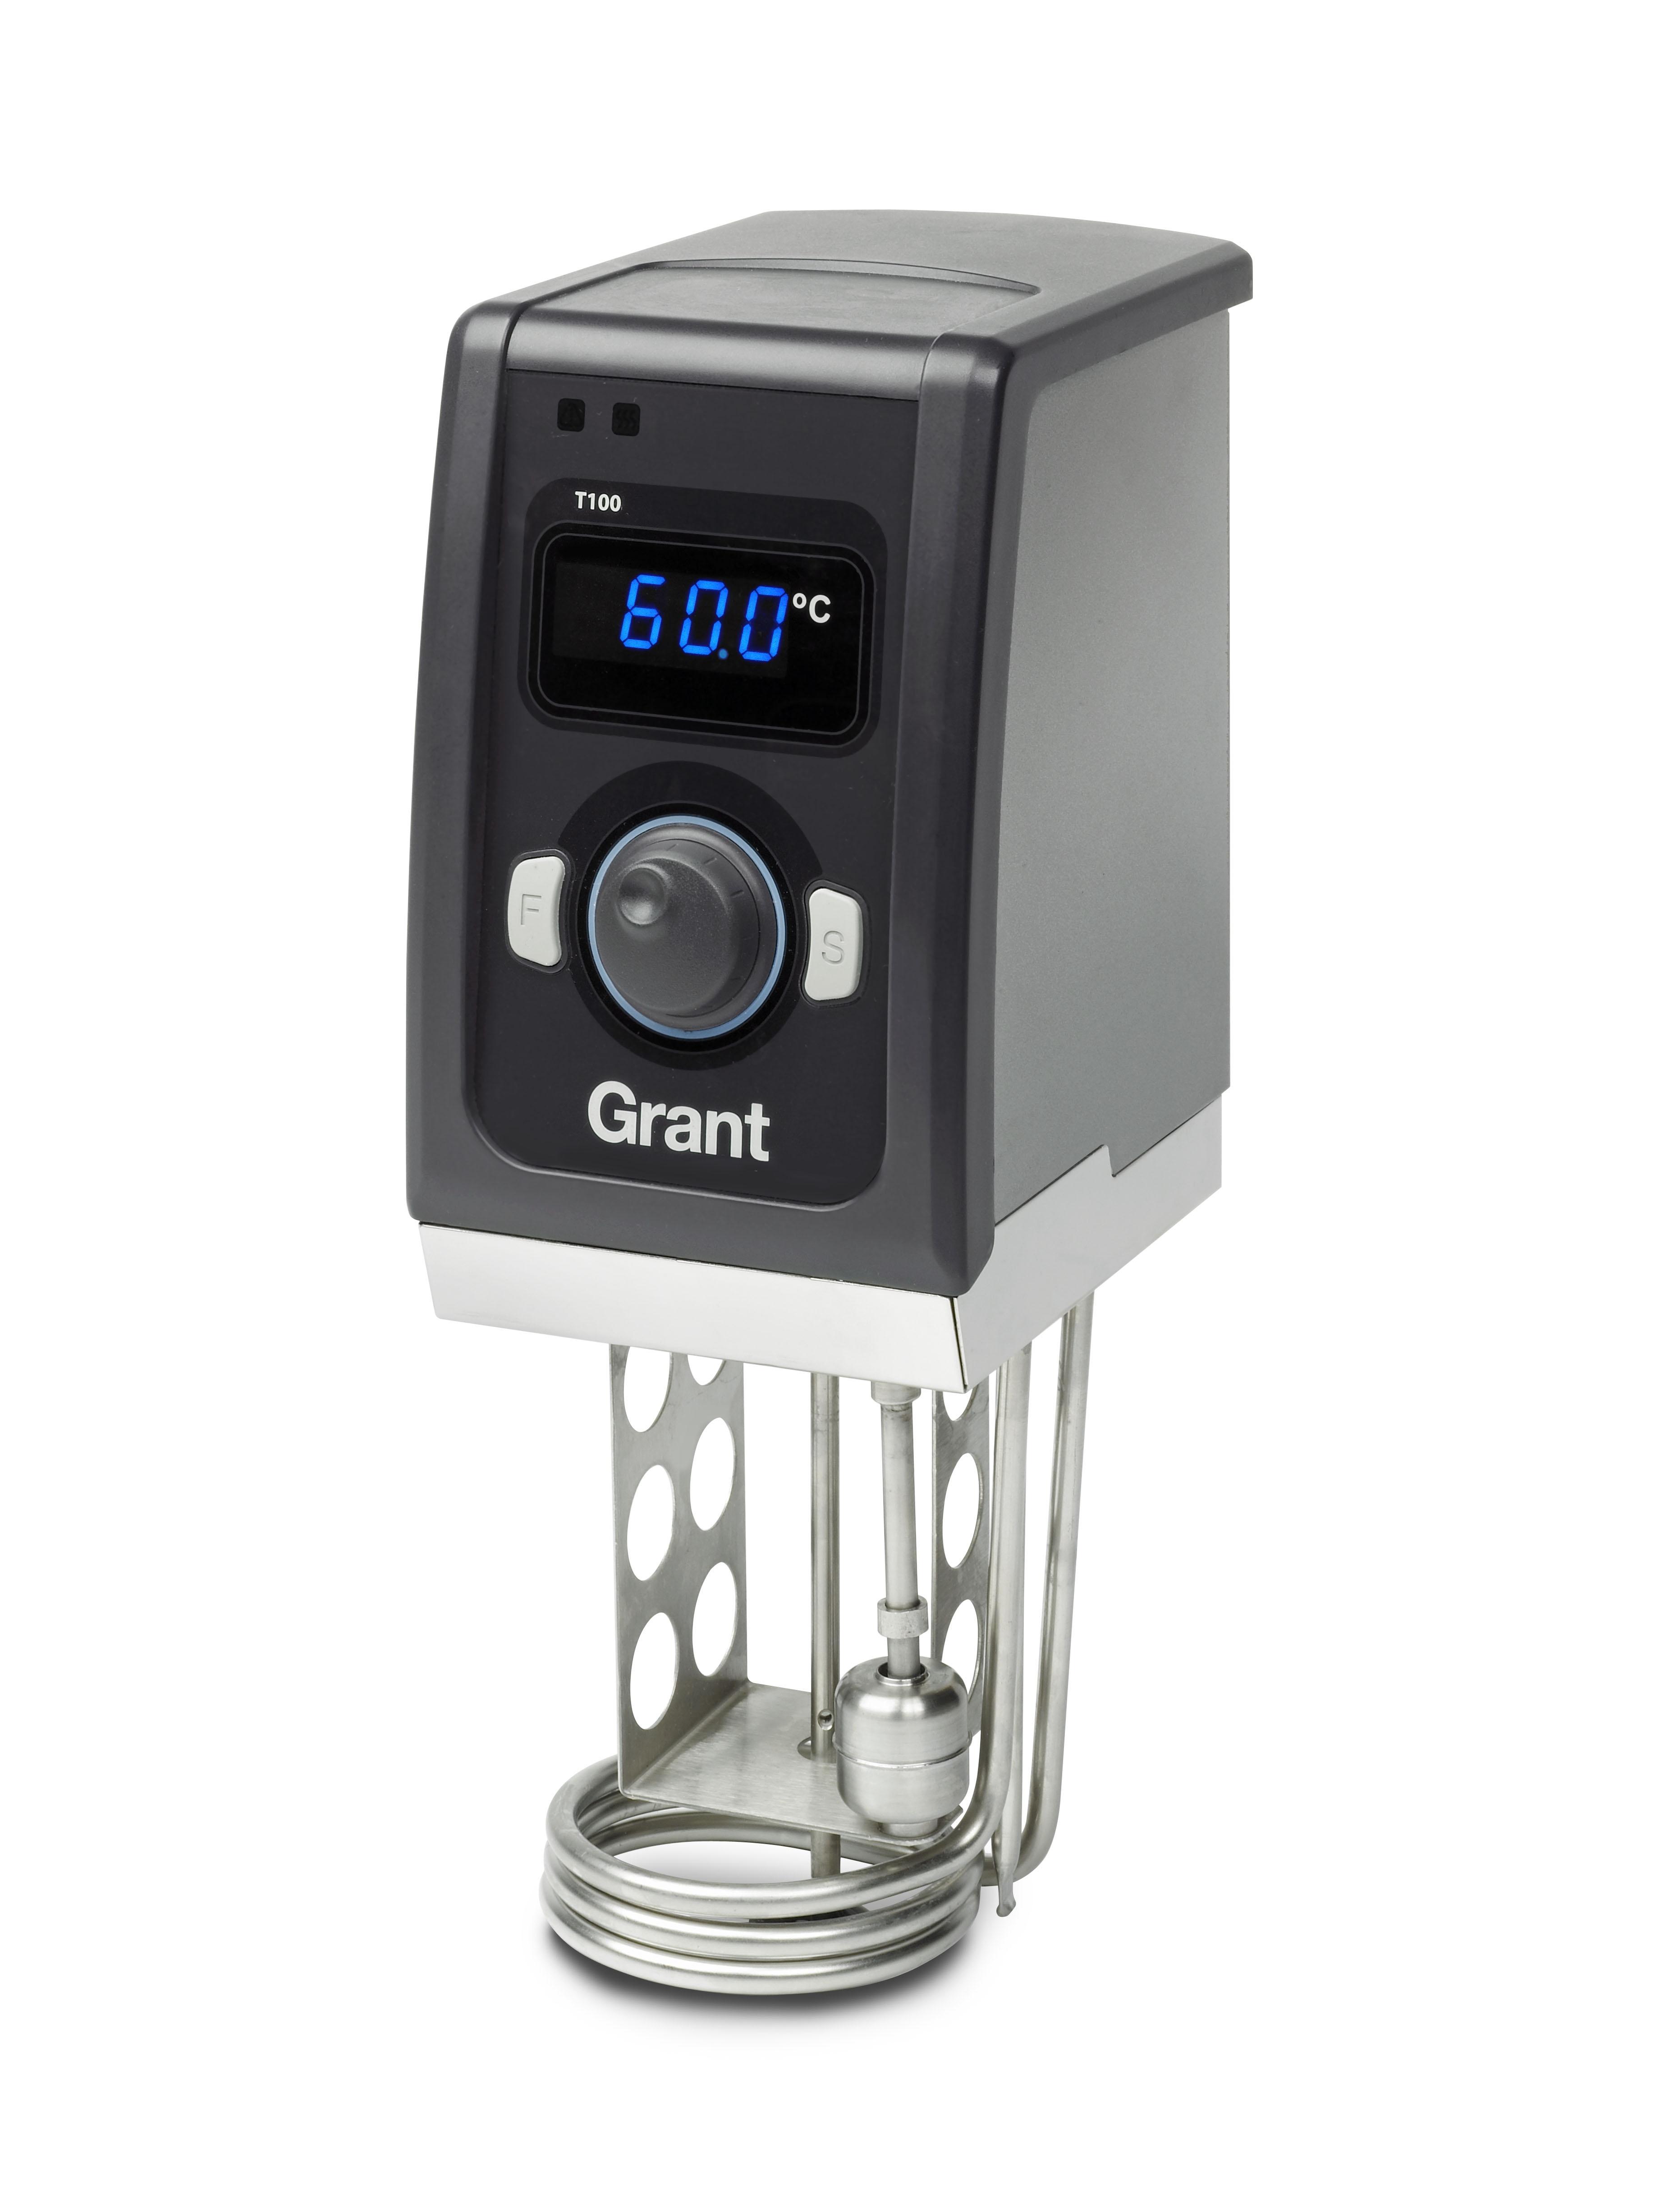 Grant T100 Heating Circulator